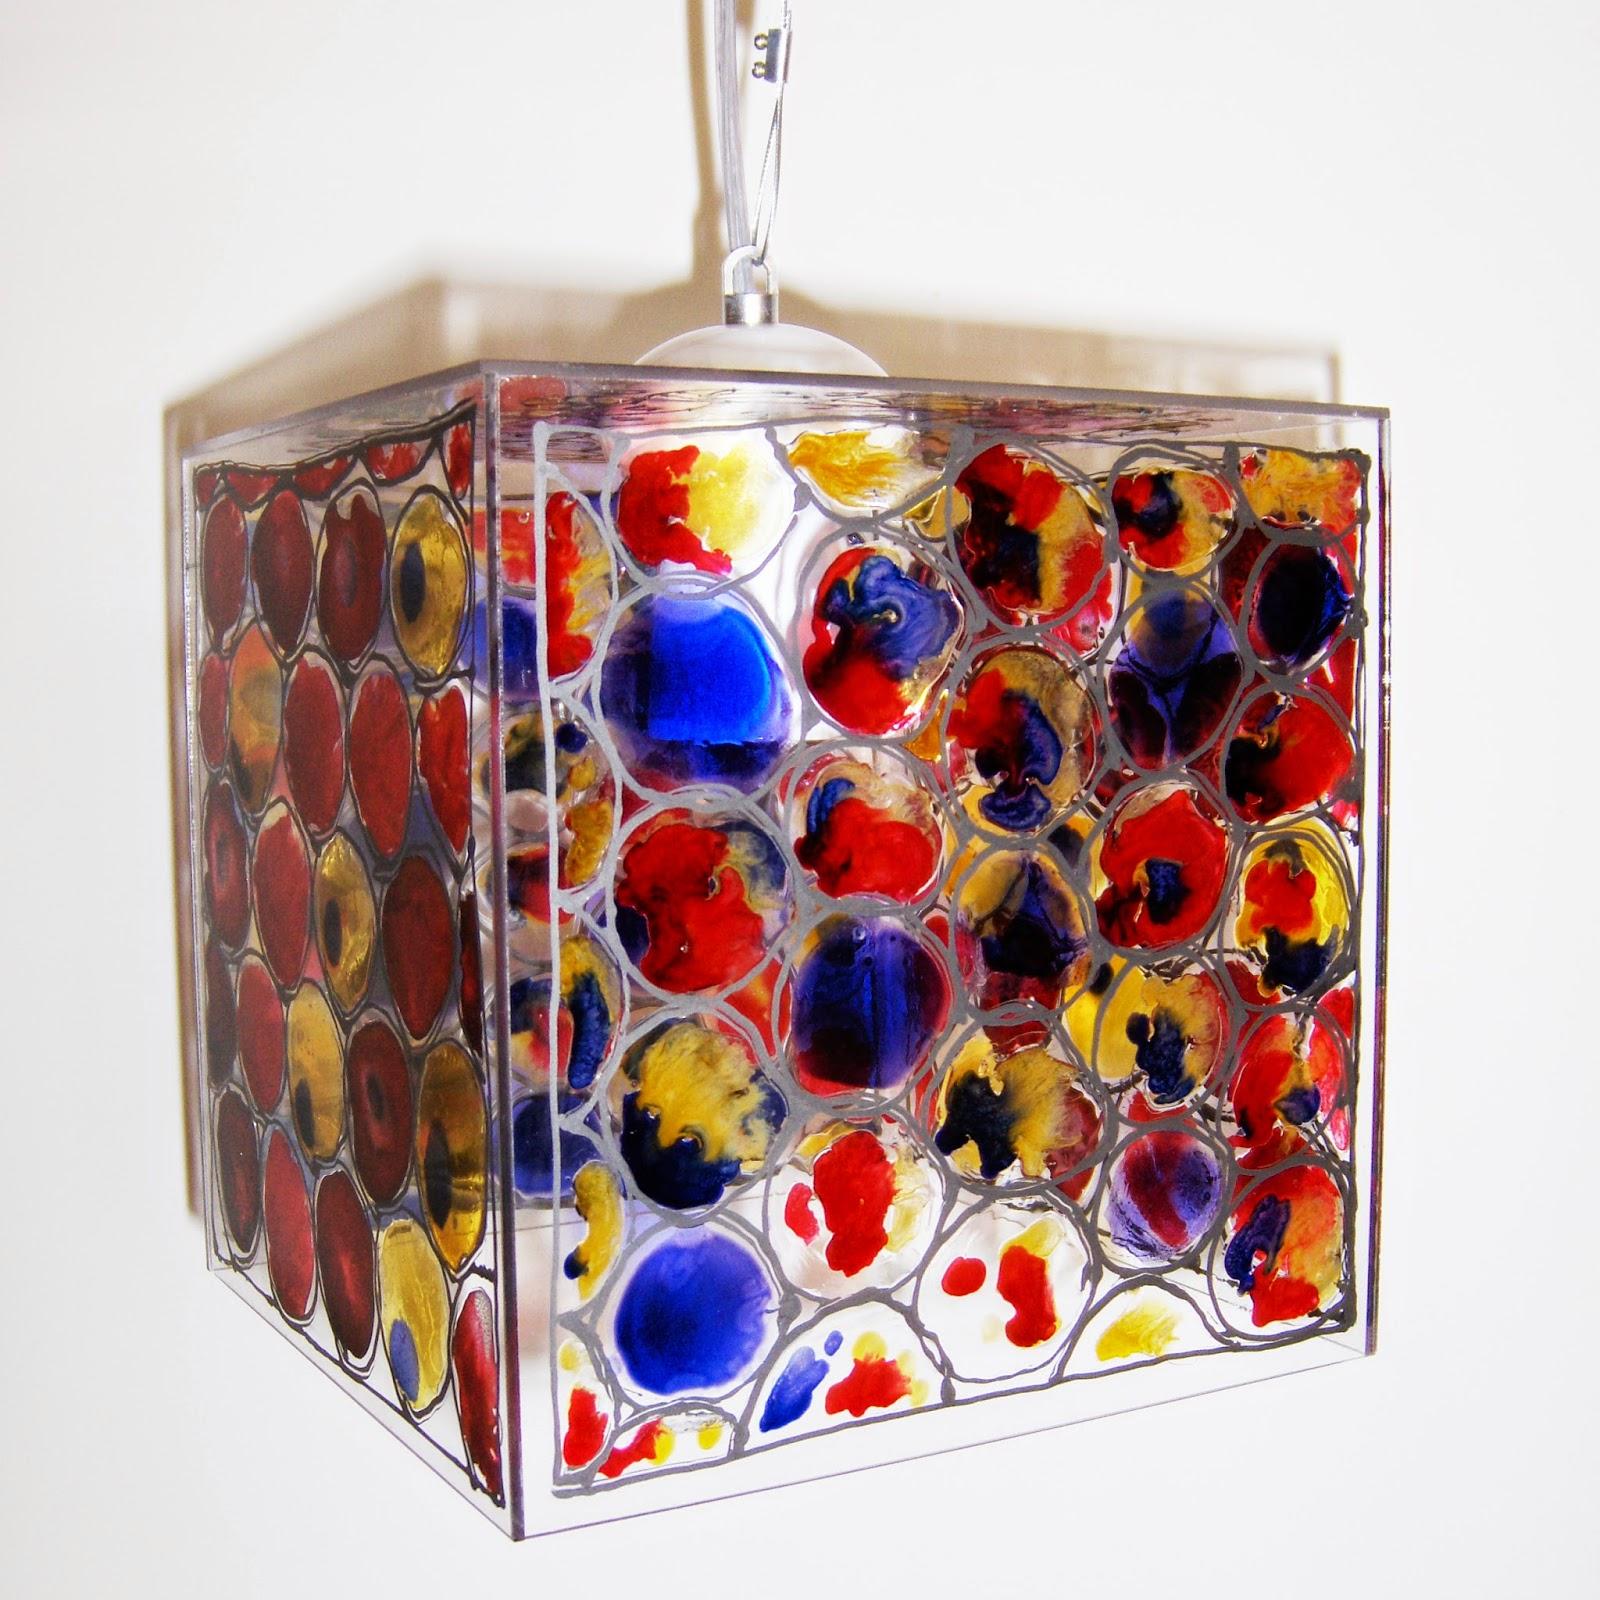 Ludica iluminacion lamparas de acrilico de techo colgantes - Lamparas colgantes cocina ...